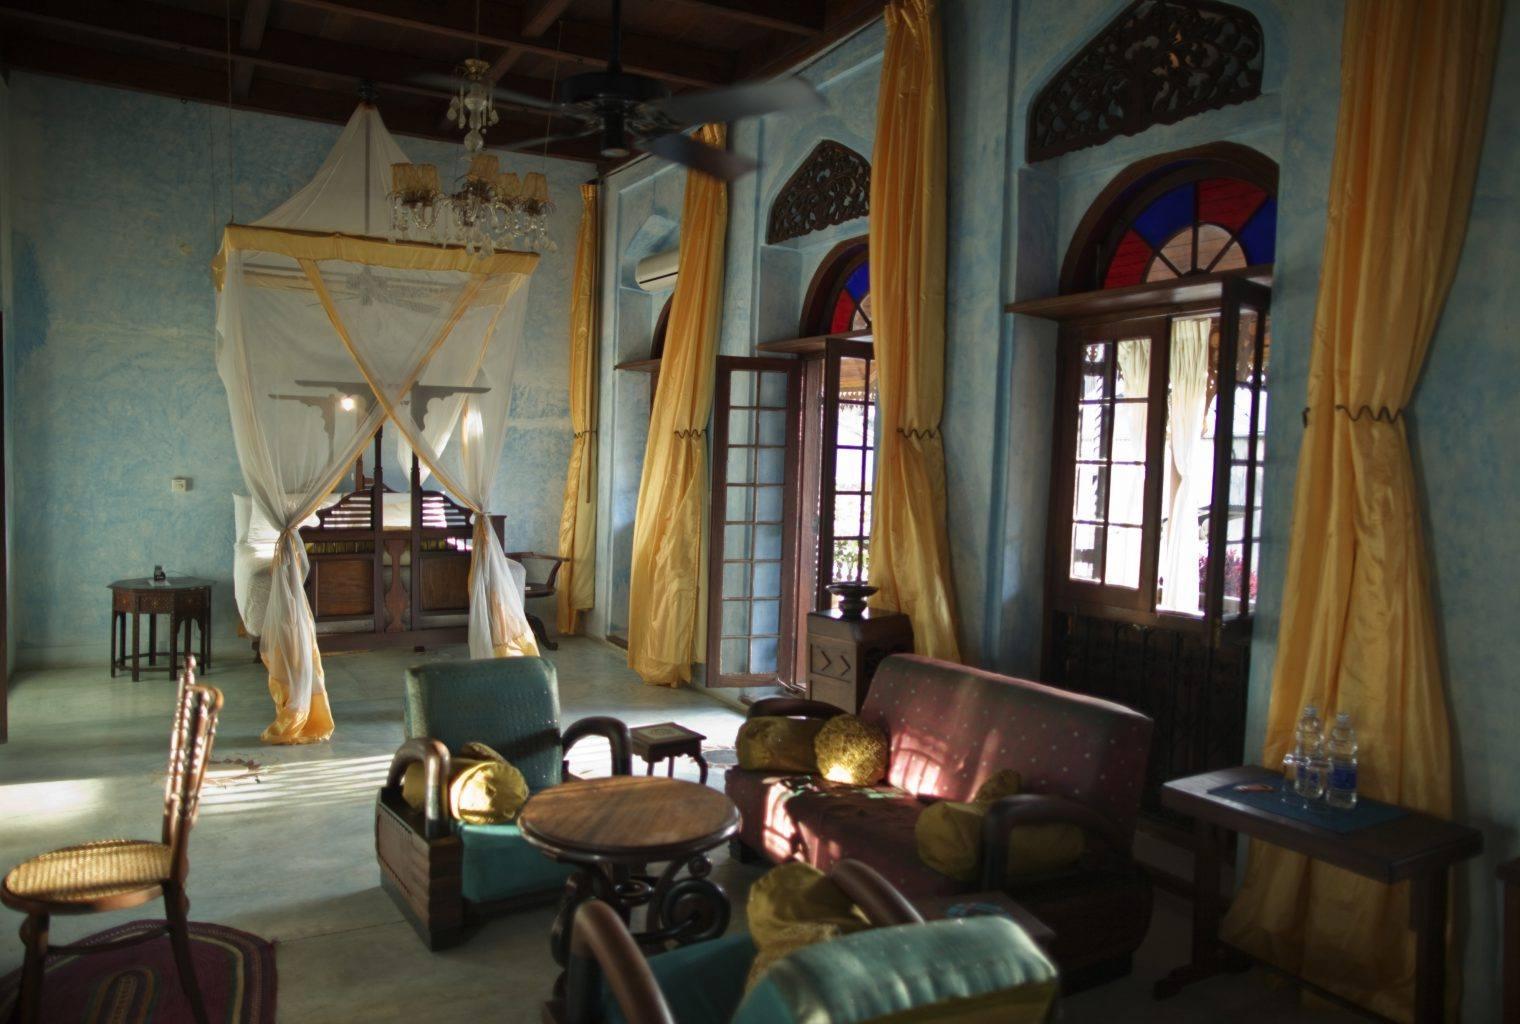 Emerson spice journeys by design for Design hotel zanzibar